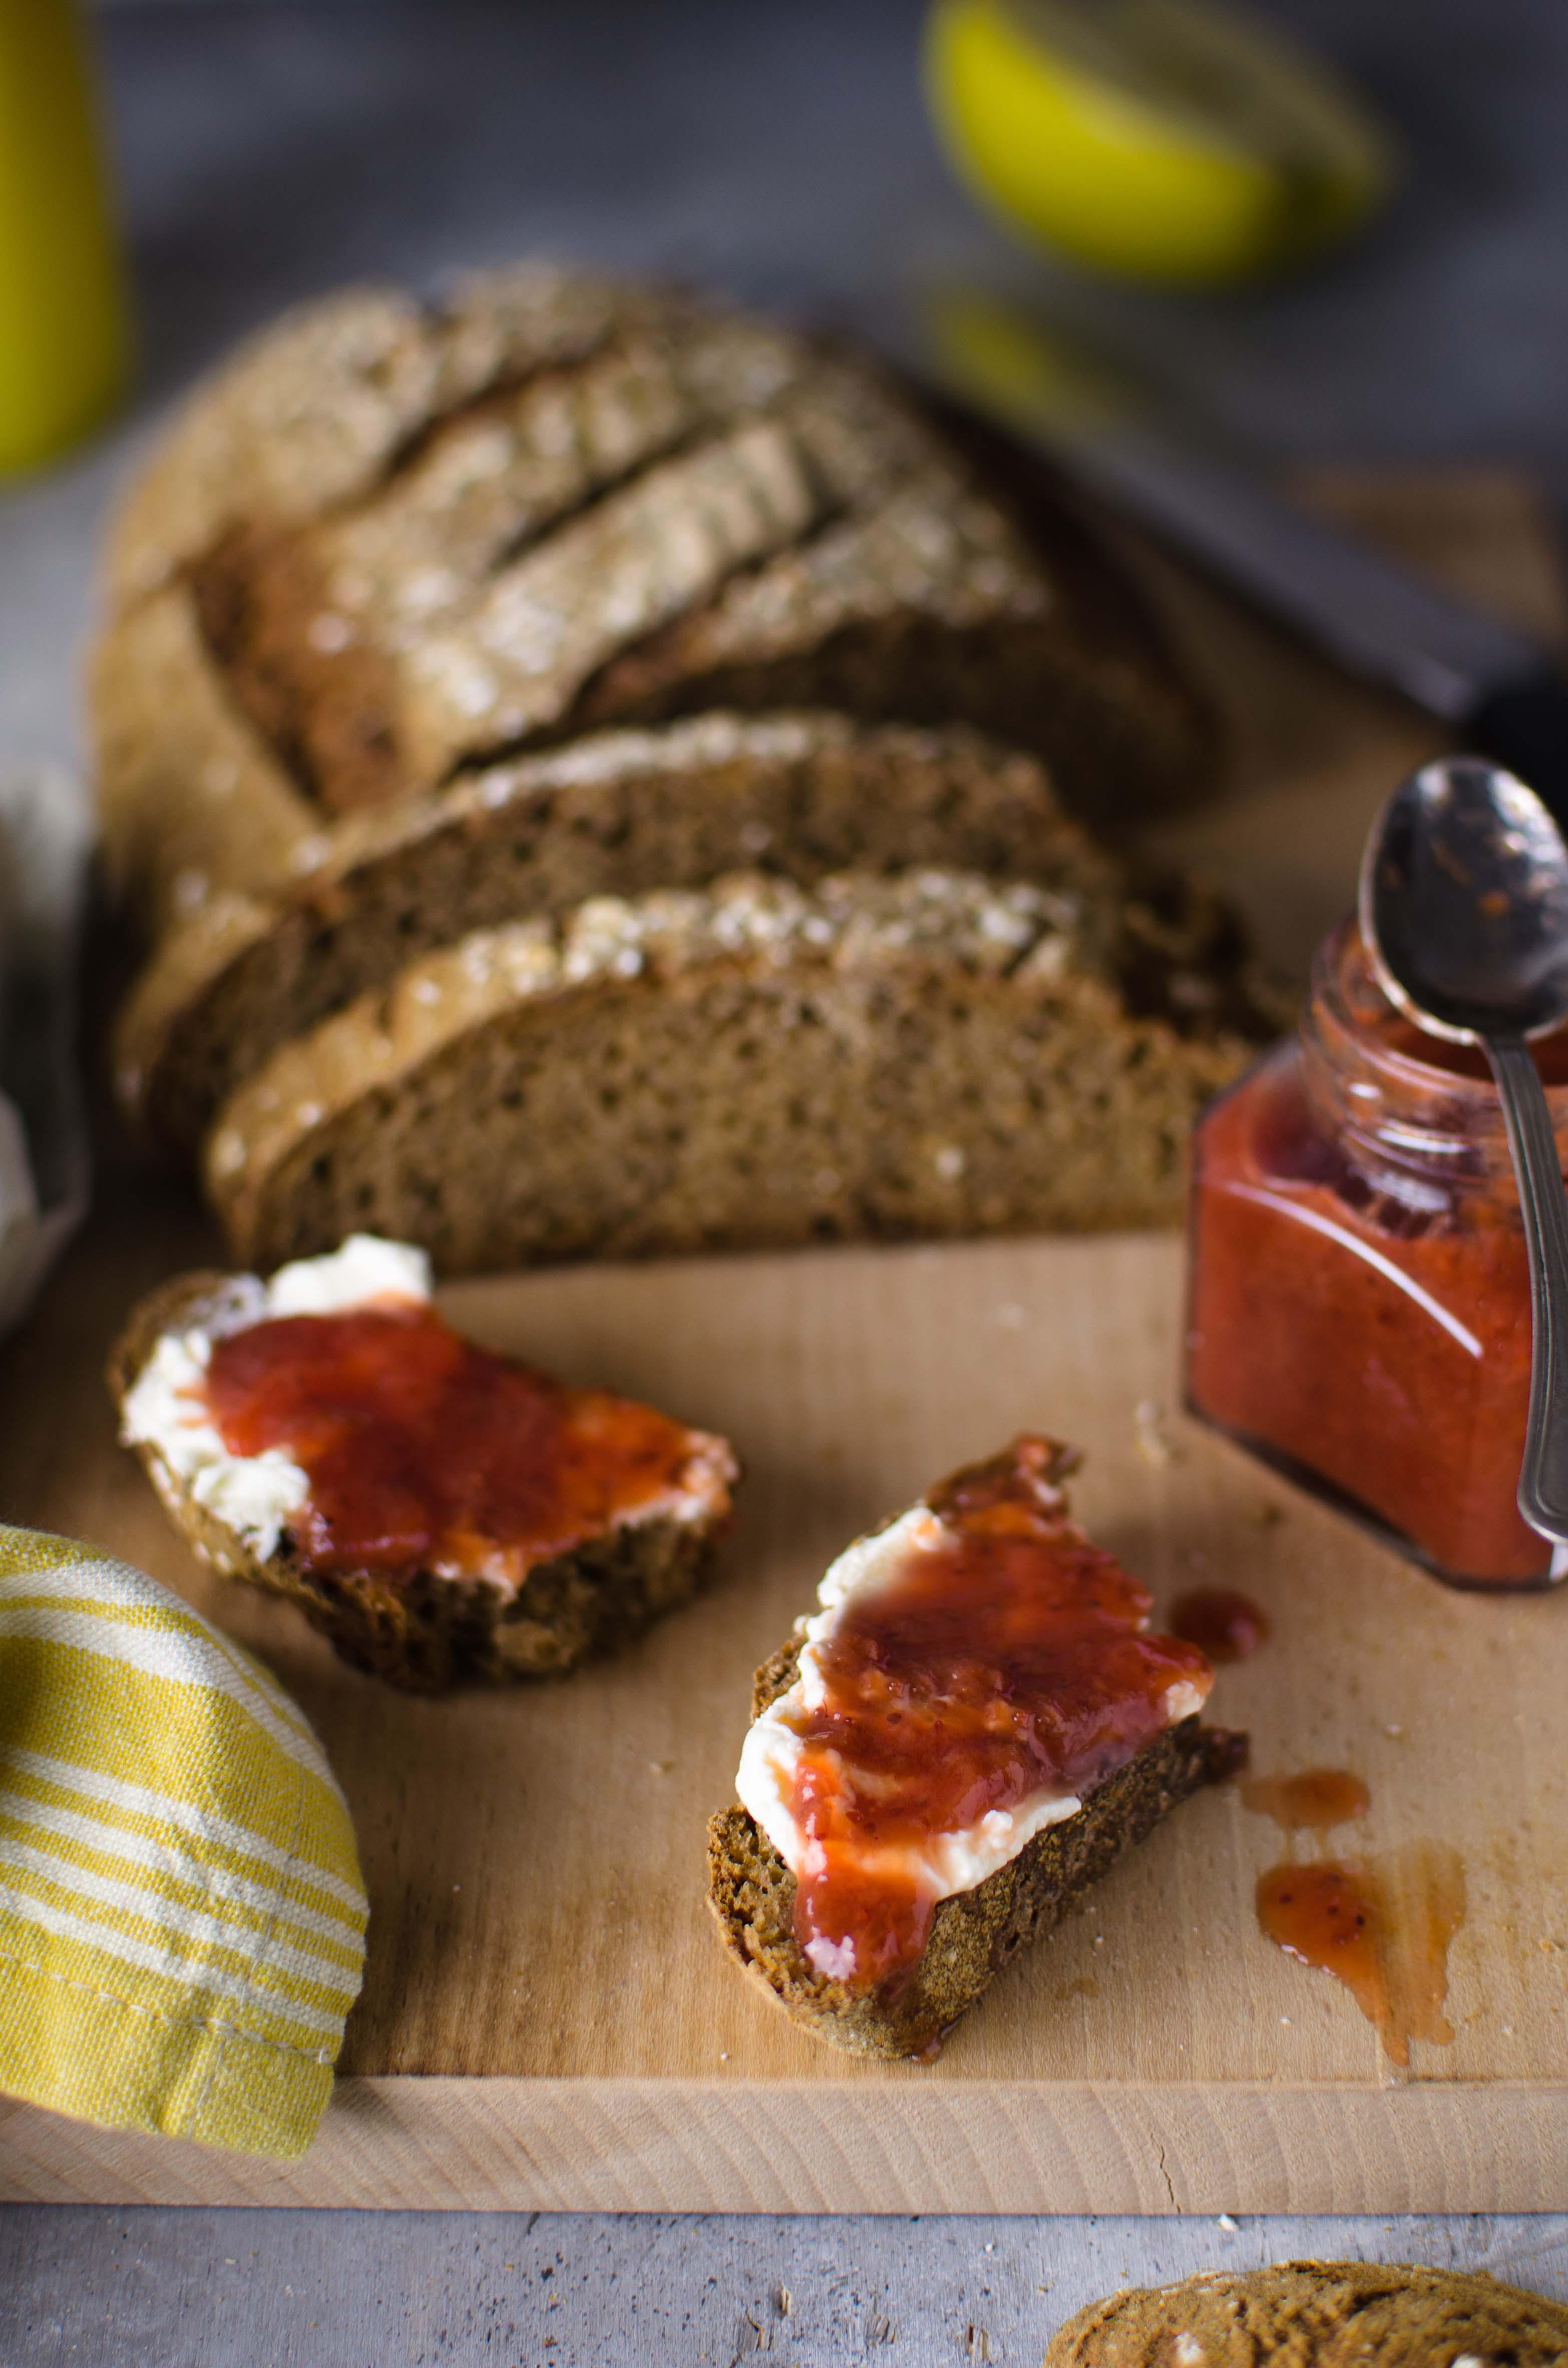 Pane-e-marmellata Pane di segale alle mele